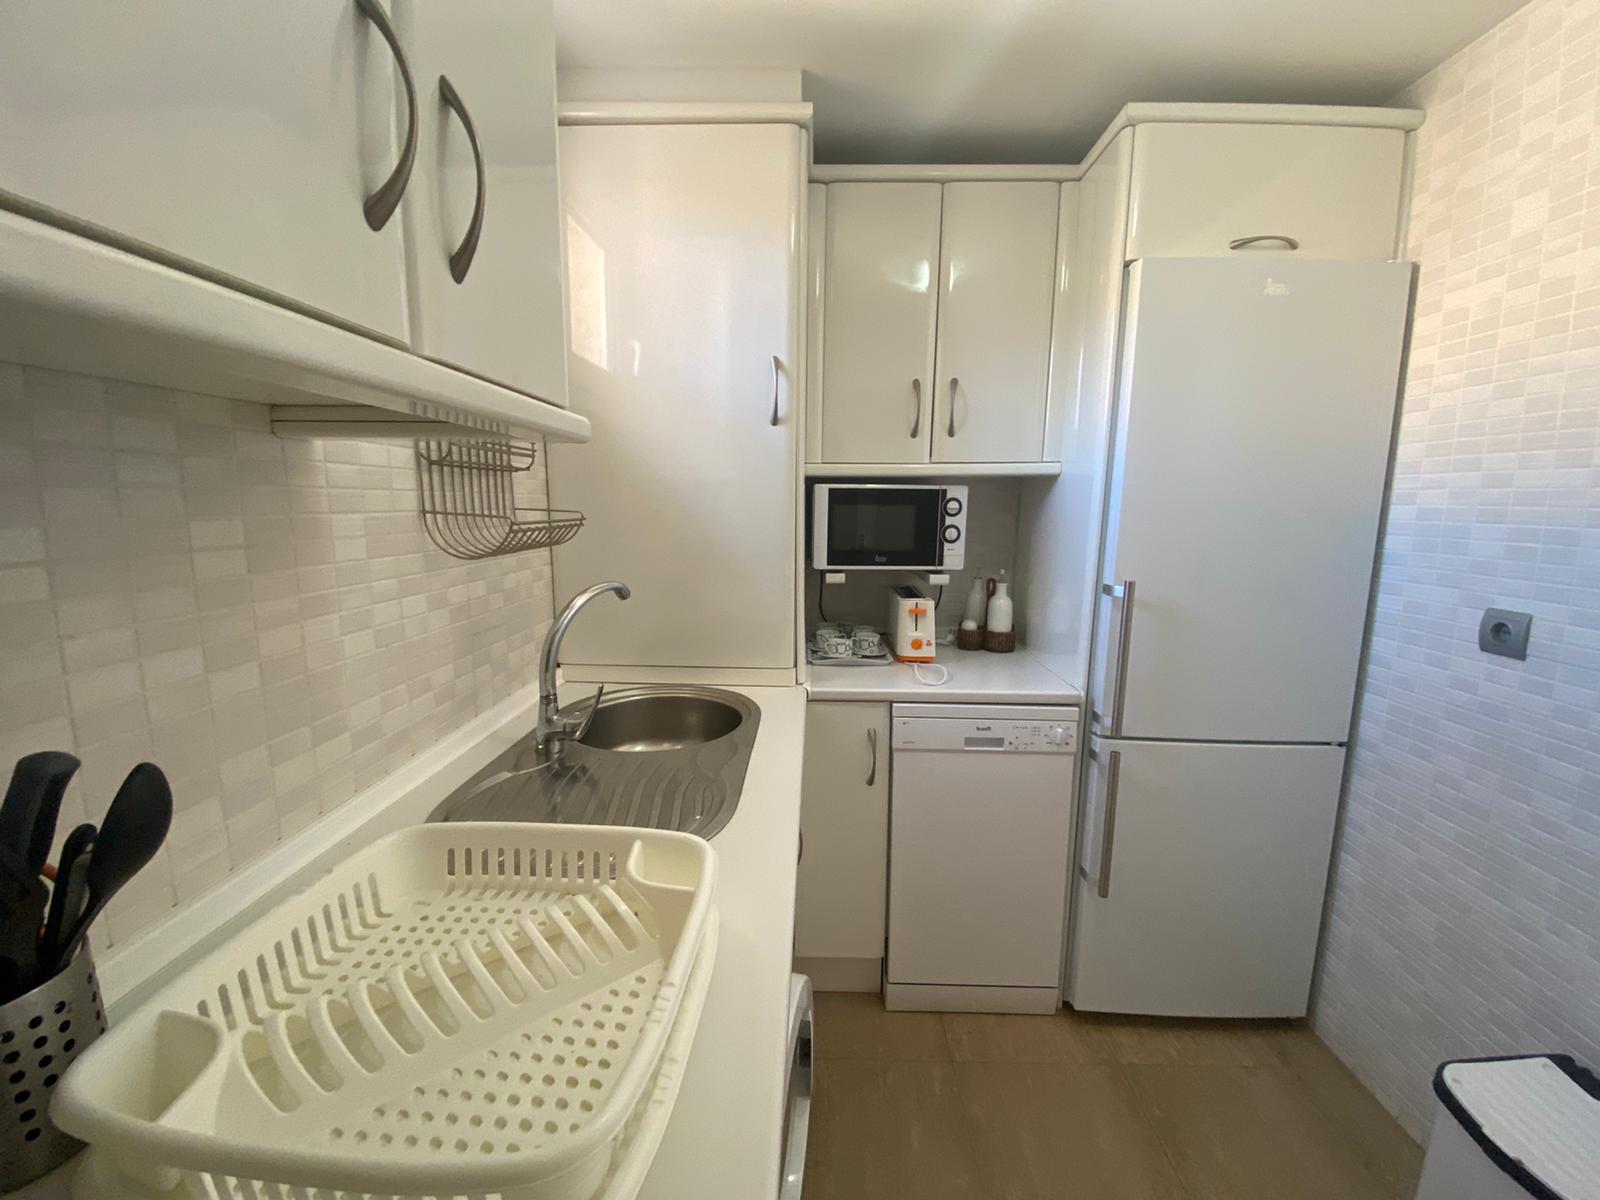 Imagen 27 del Apartamento Turístico, Ático 1 Central (3d+2b), Punta del Moral (HUELVA), Paseo de la Cruz nº22